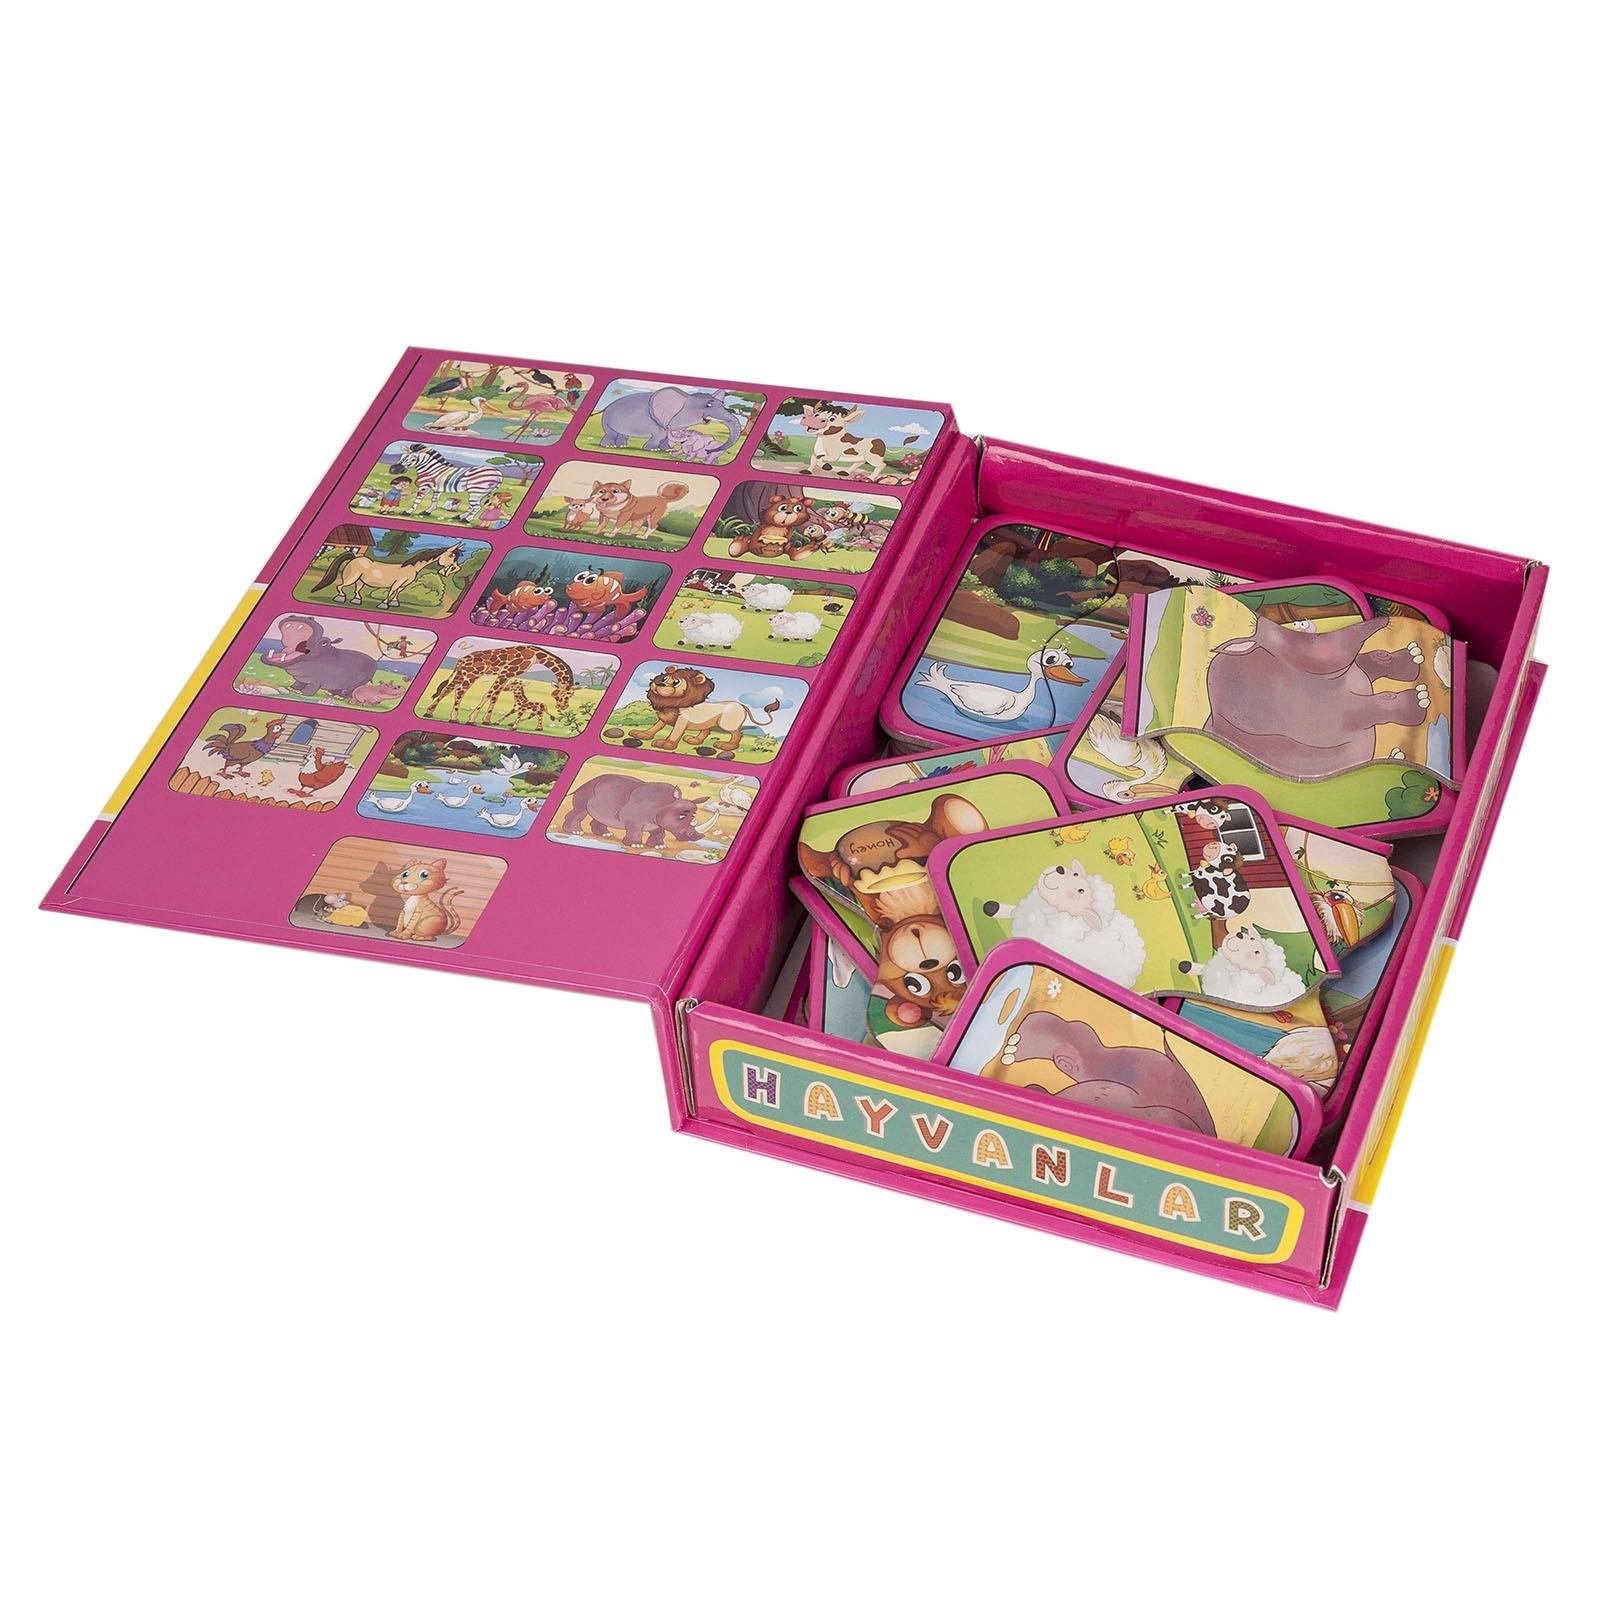 Diy Toy Okul Oncesi Hayvanlar 2 Ve 3 Parcali Tamamlama Kartlari